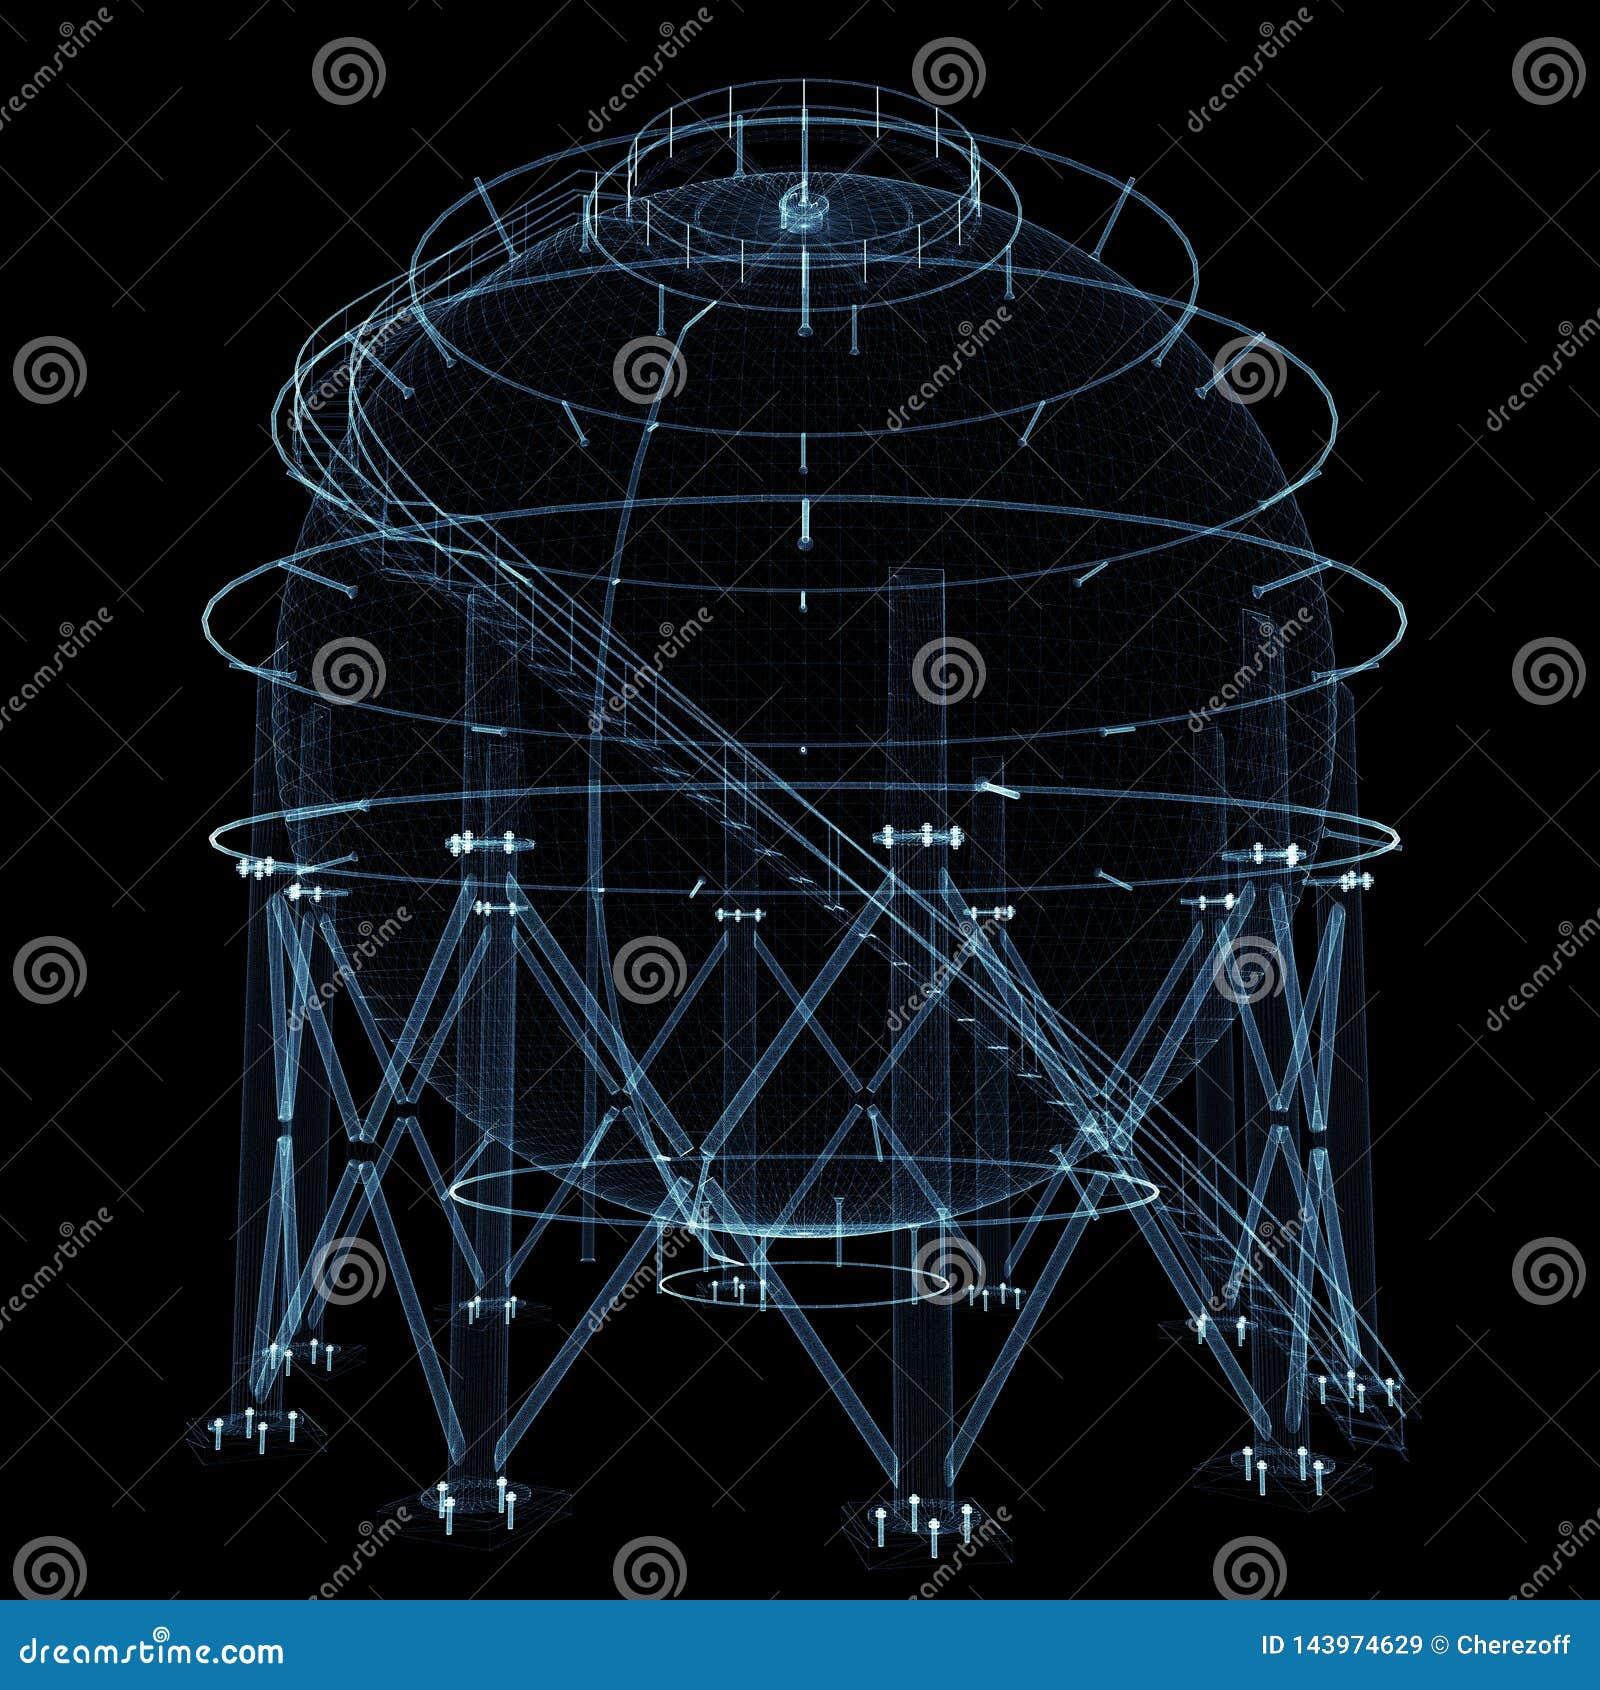 Σφαιρική δεξαμενή αερίου που αποτελείται από τις φωτεινά γραμμές και τα σημεία